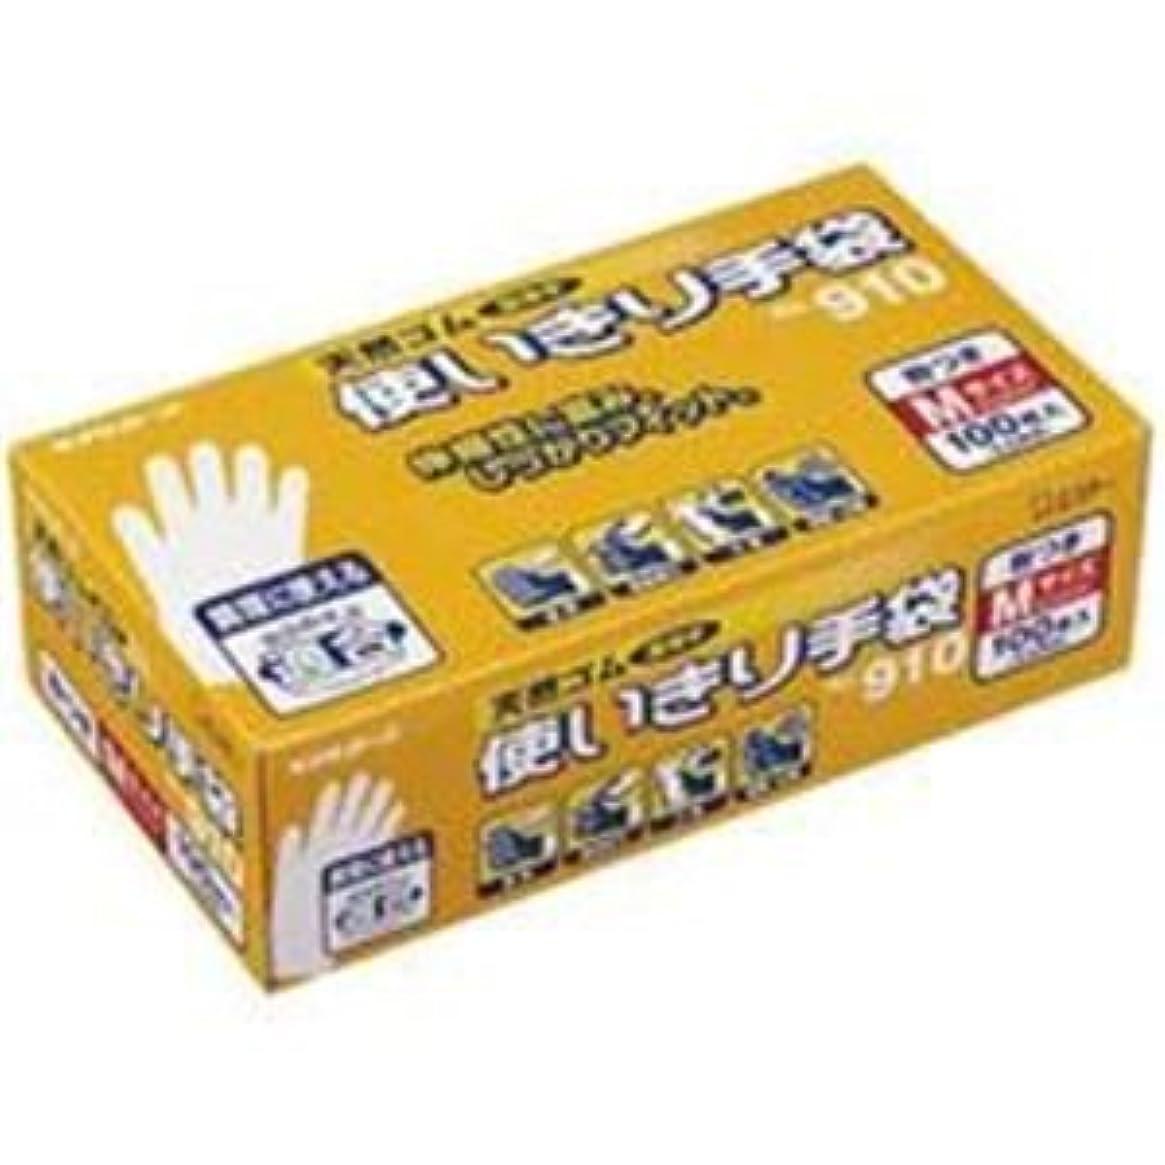 熟練した所得真実にエステー 天然ゴム使い切り手袋/作業用手袋 [No.910/S 12箱]